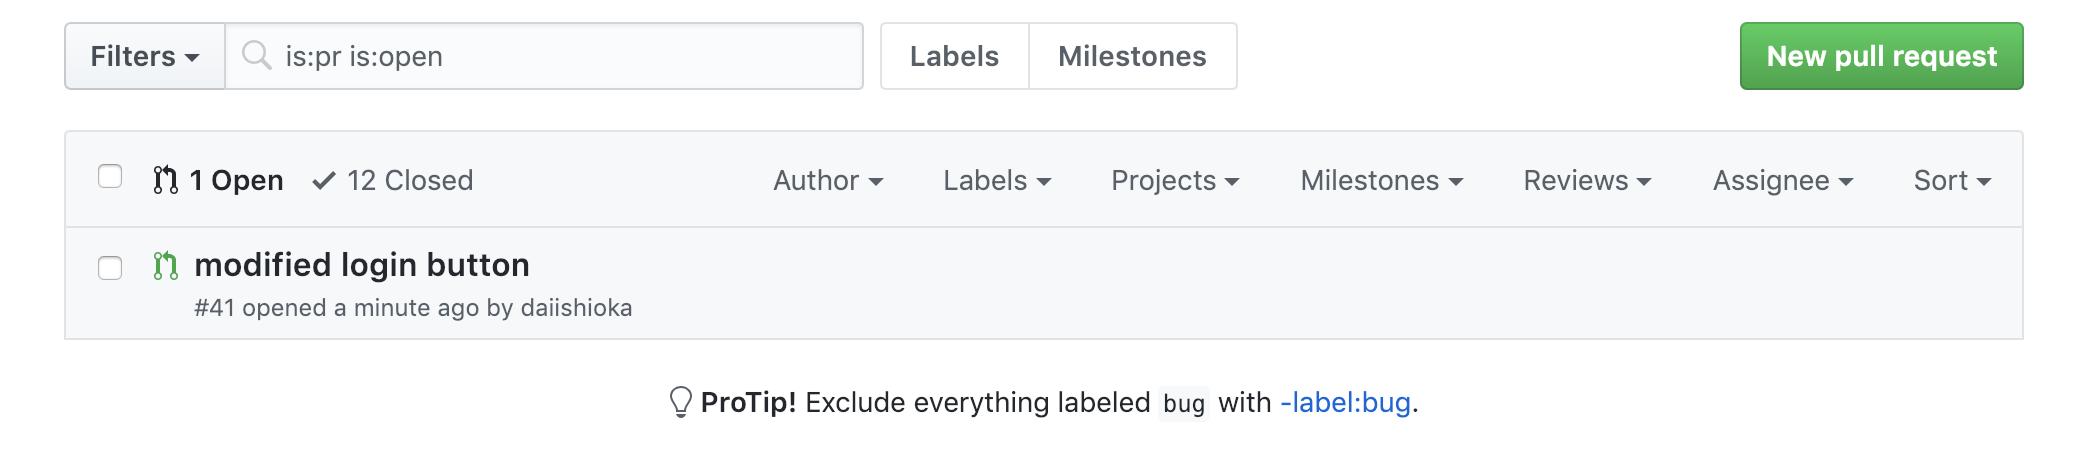 【GitHub】Pull Request をする際に作業毎にRequestを出したい